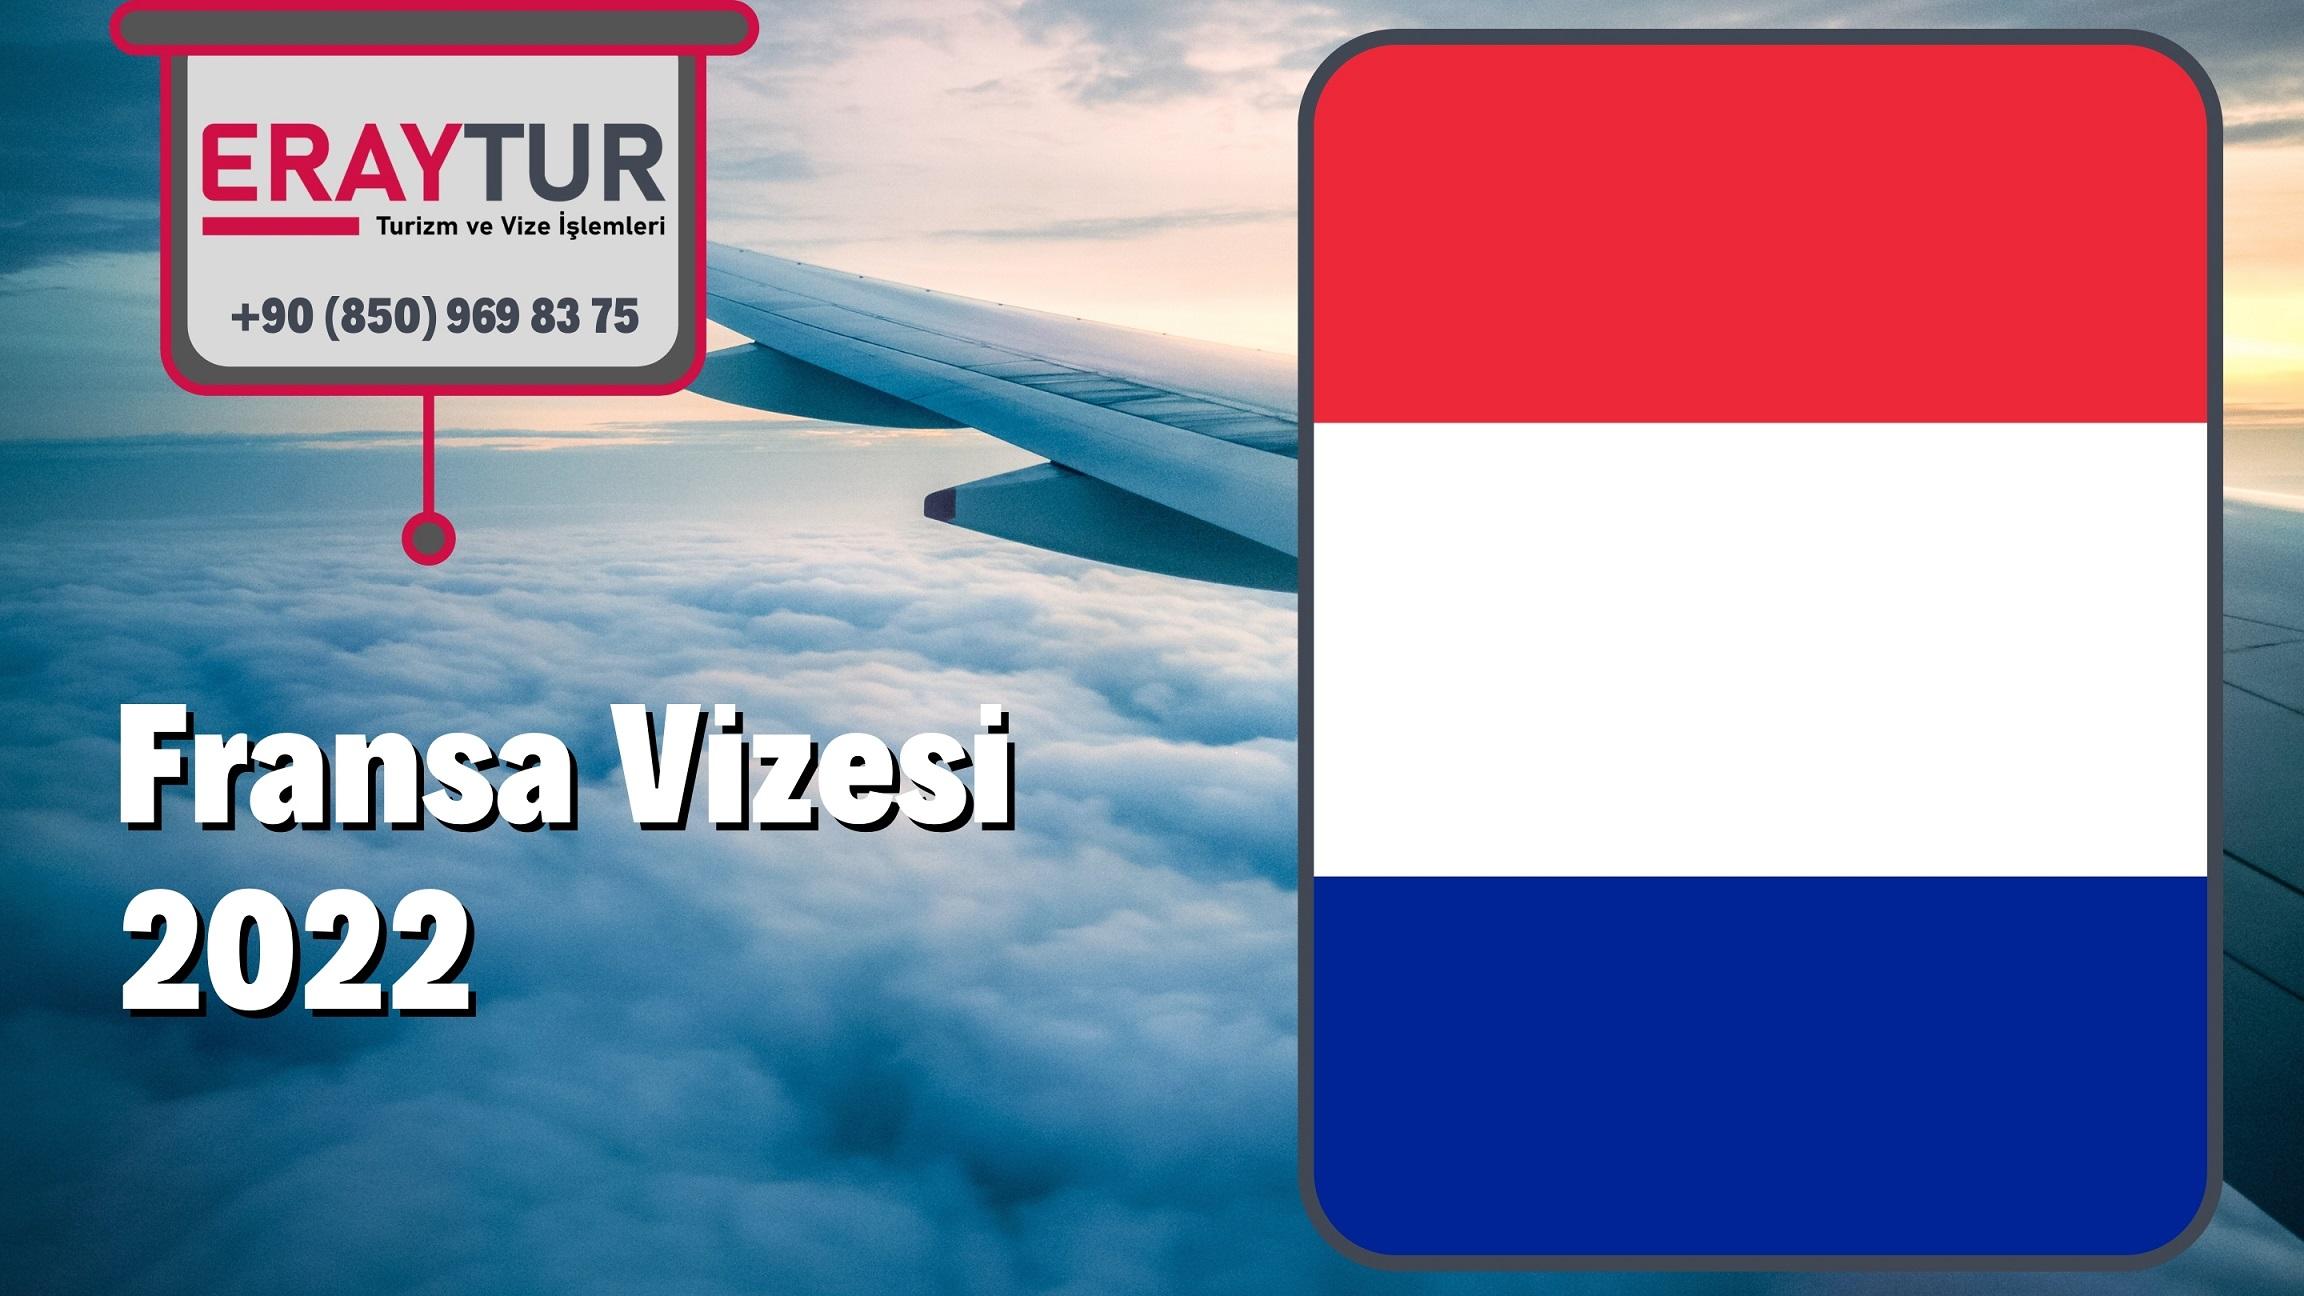 Fransa Vizesi 2022 1 – fransa vizesi 2022 1